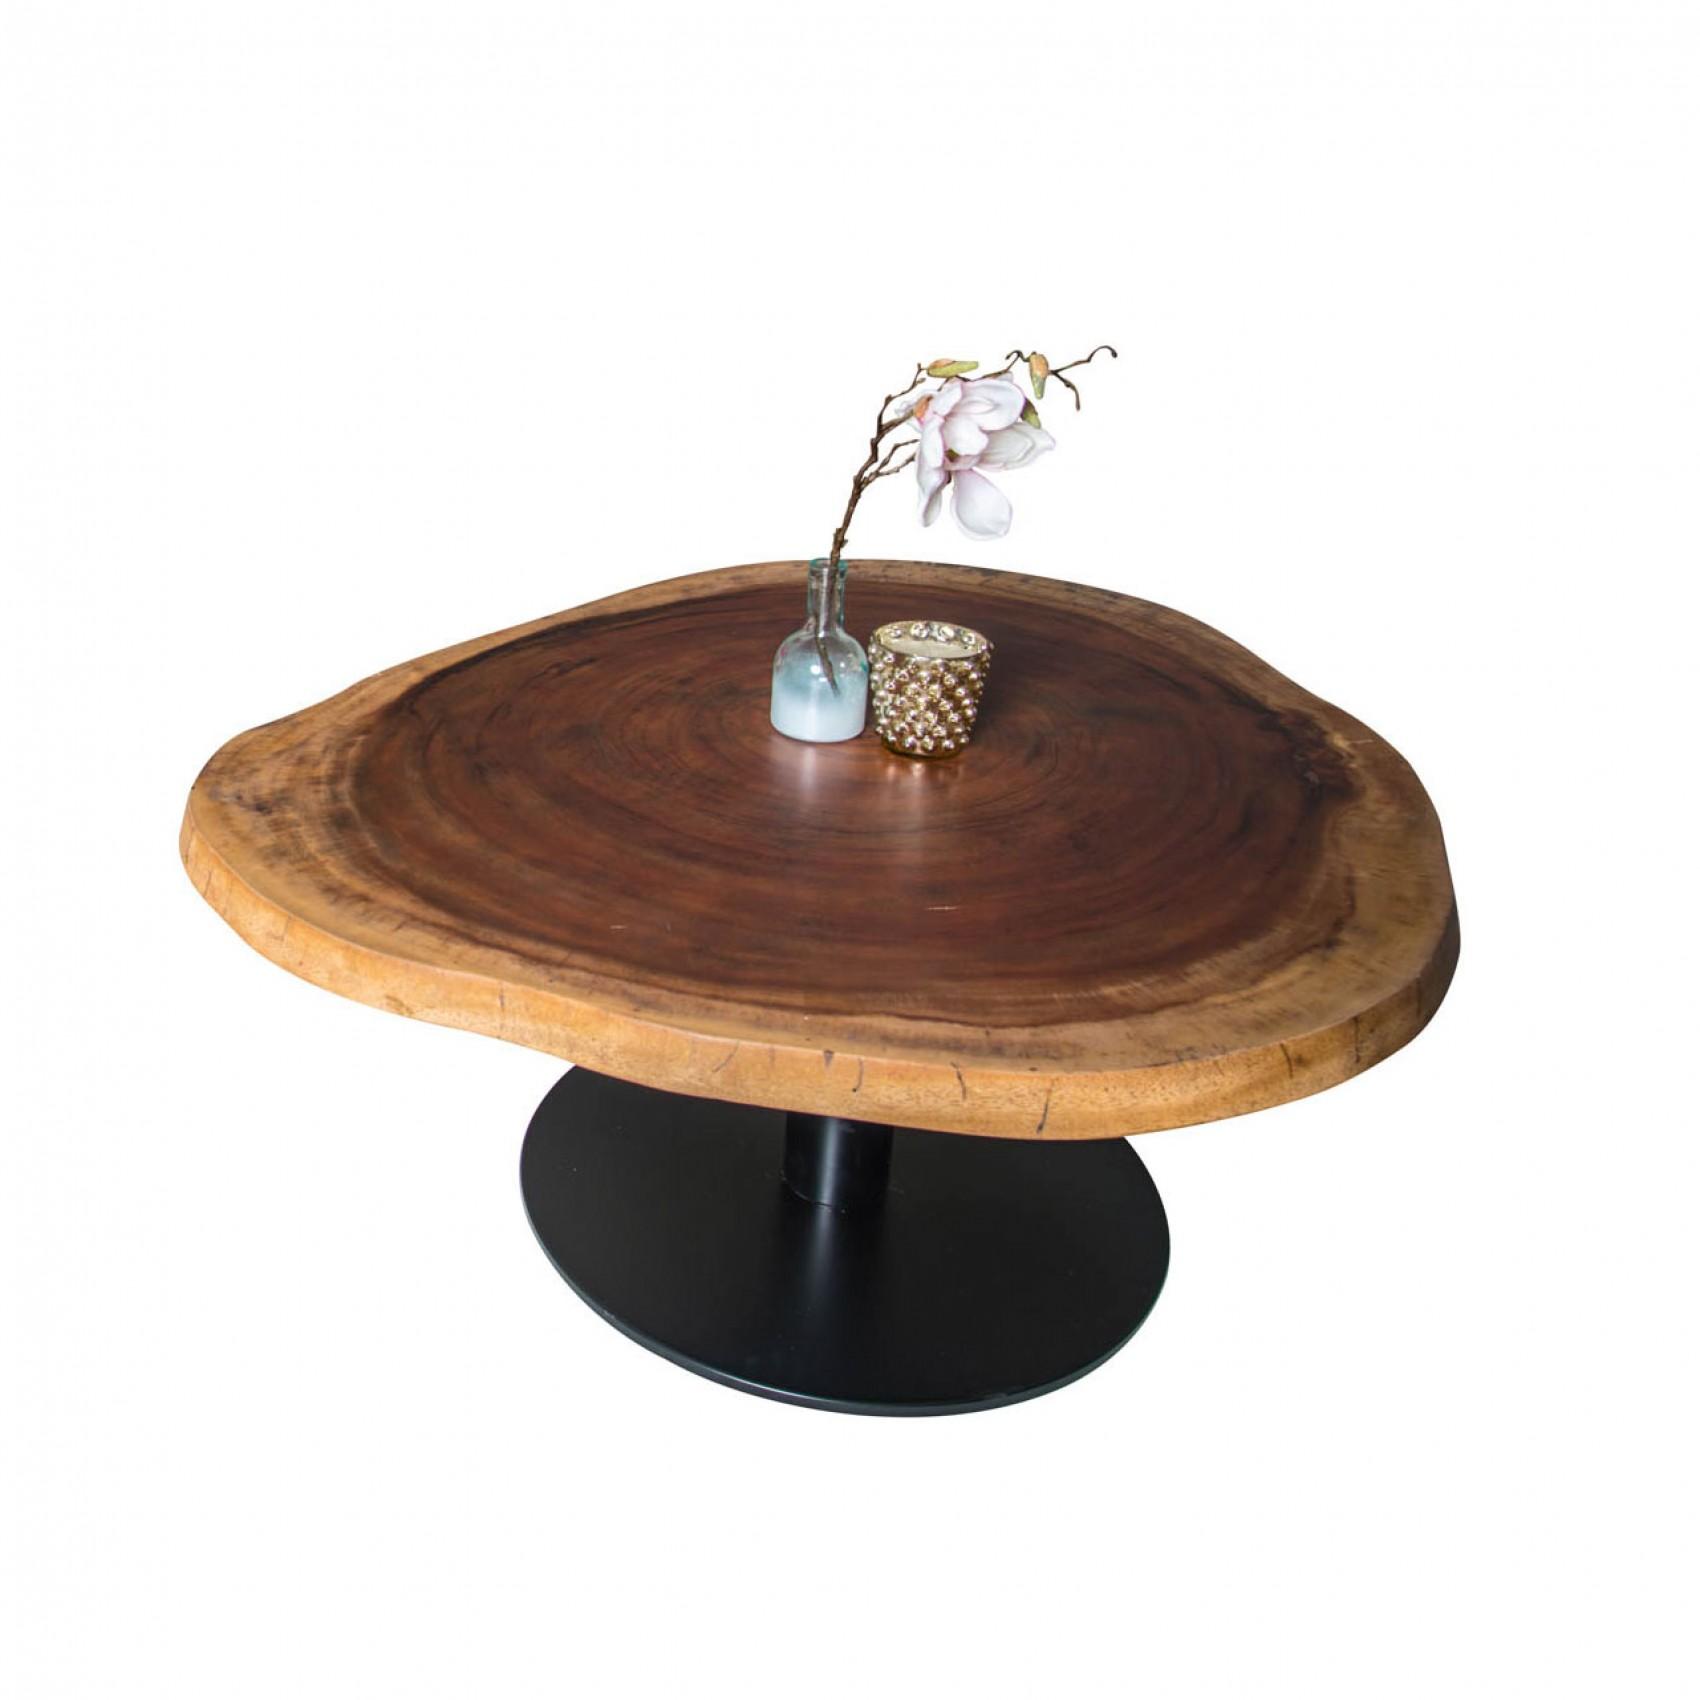 Full Size of Runder Esstisch Akazie Auch Als Couchtisch Oder Stehtisch Mglich Oval Weiß Glas Esstische Massiv Industrial Grau Ausziehbar Massivholz Kleine Rund Bogenlampe Esstische Runder Esstisch